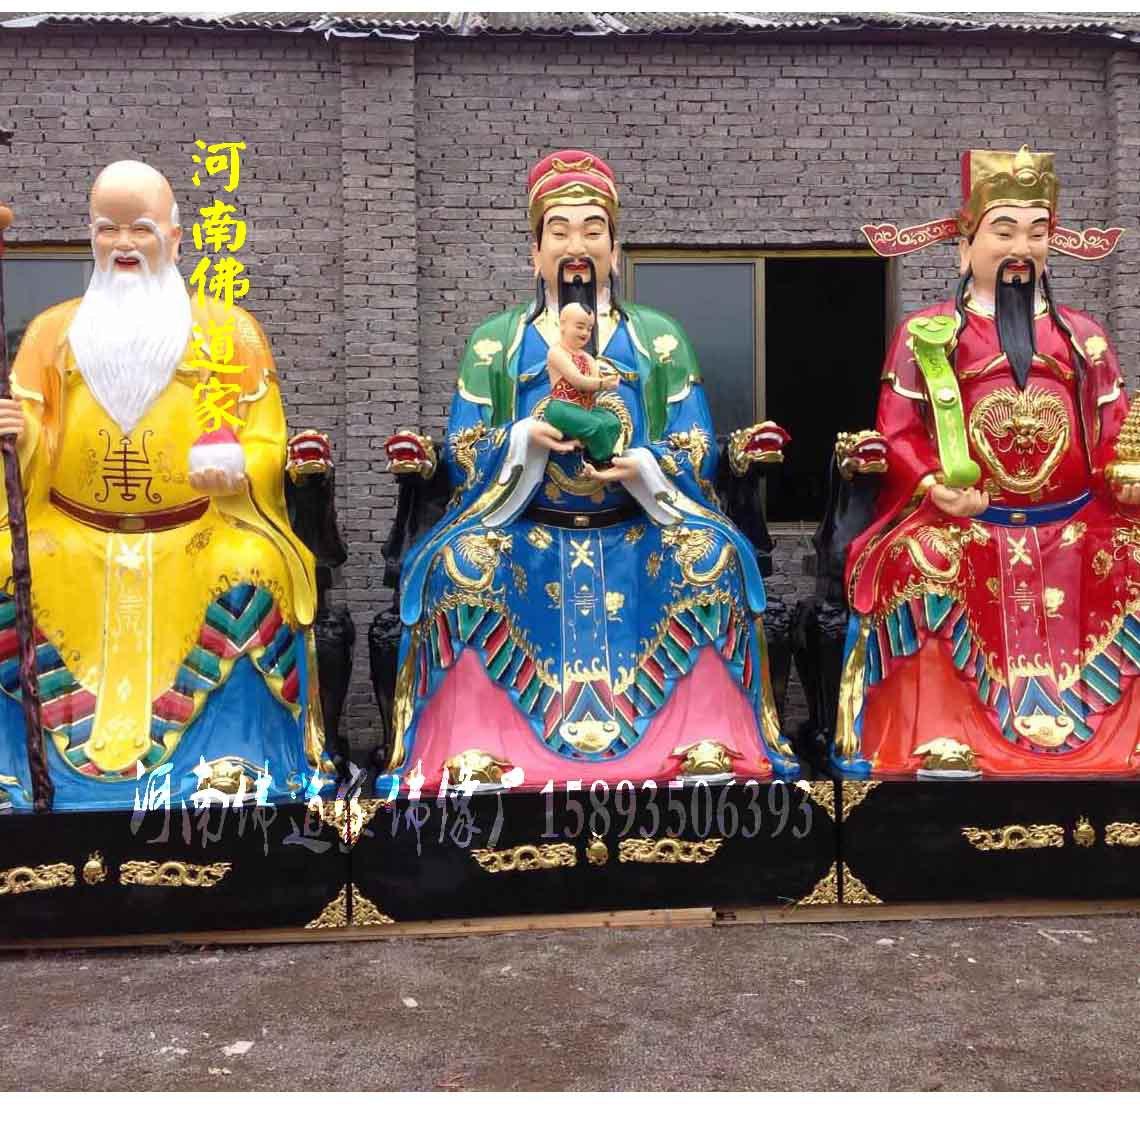 福禄寿佛像 玻璃钢佛像 厂家销售 老寿星雕像1.8米 河南佛道家示例图5